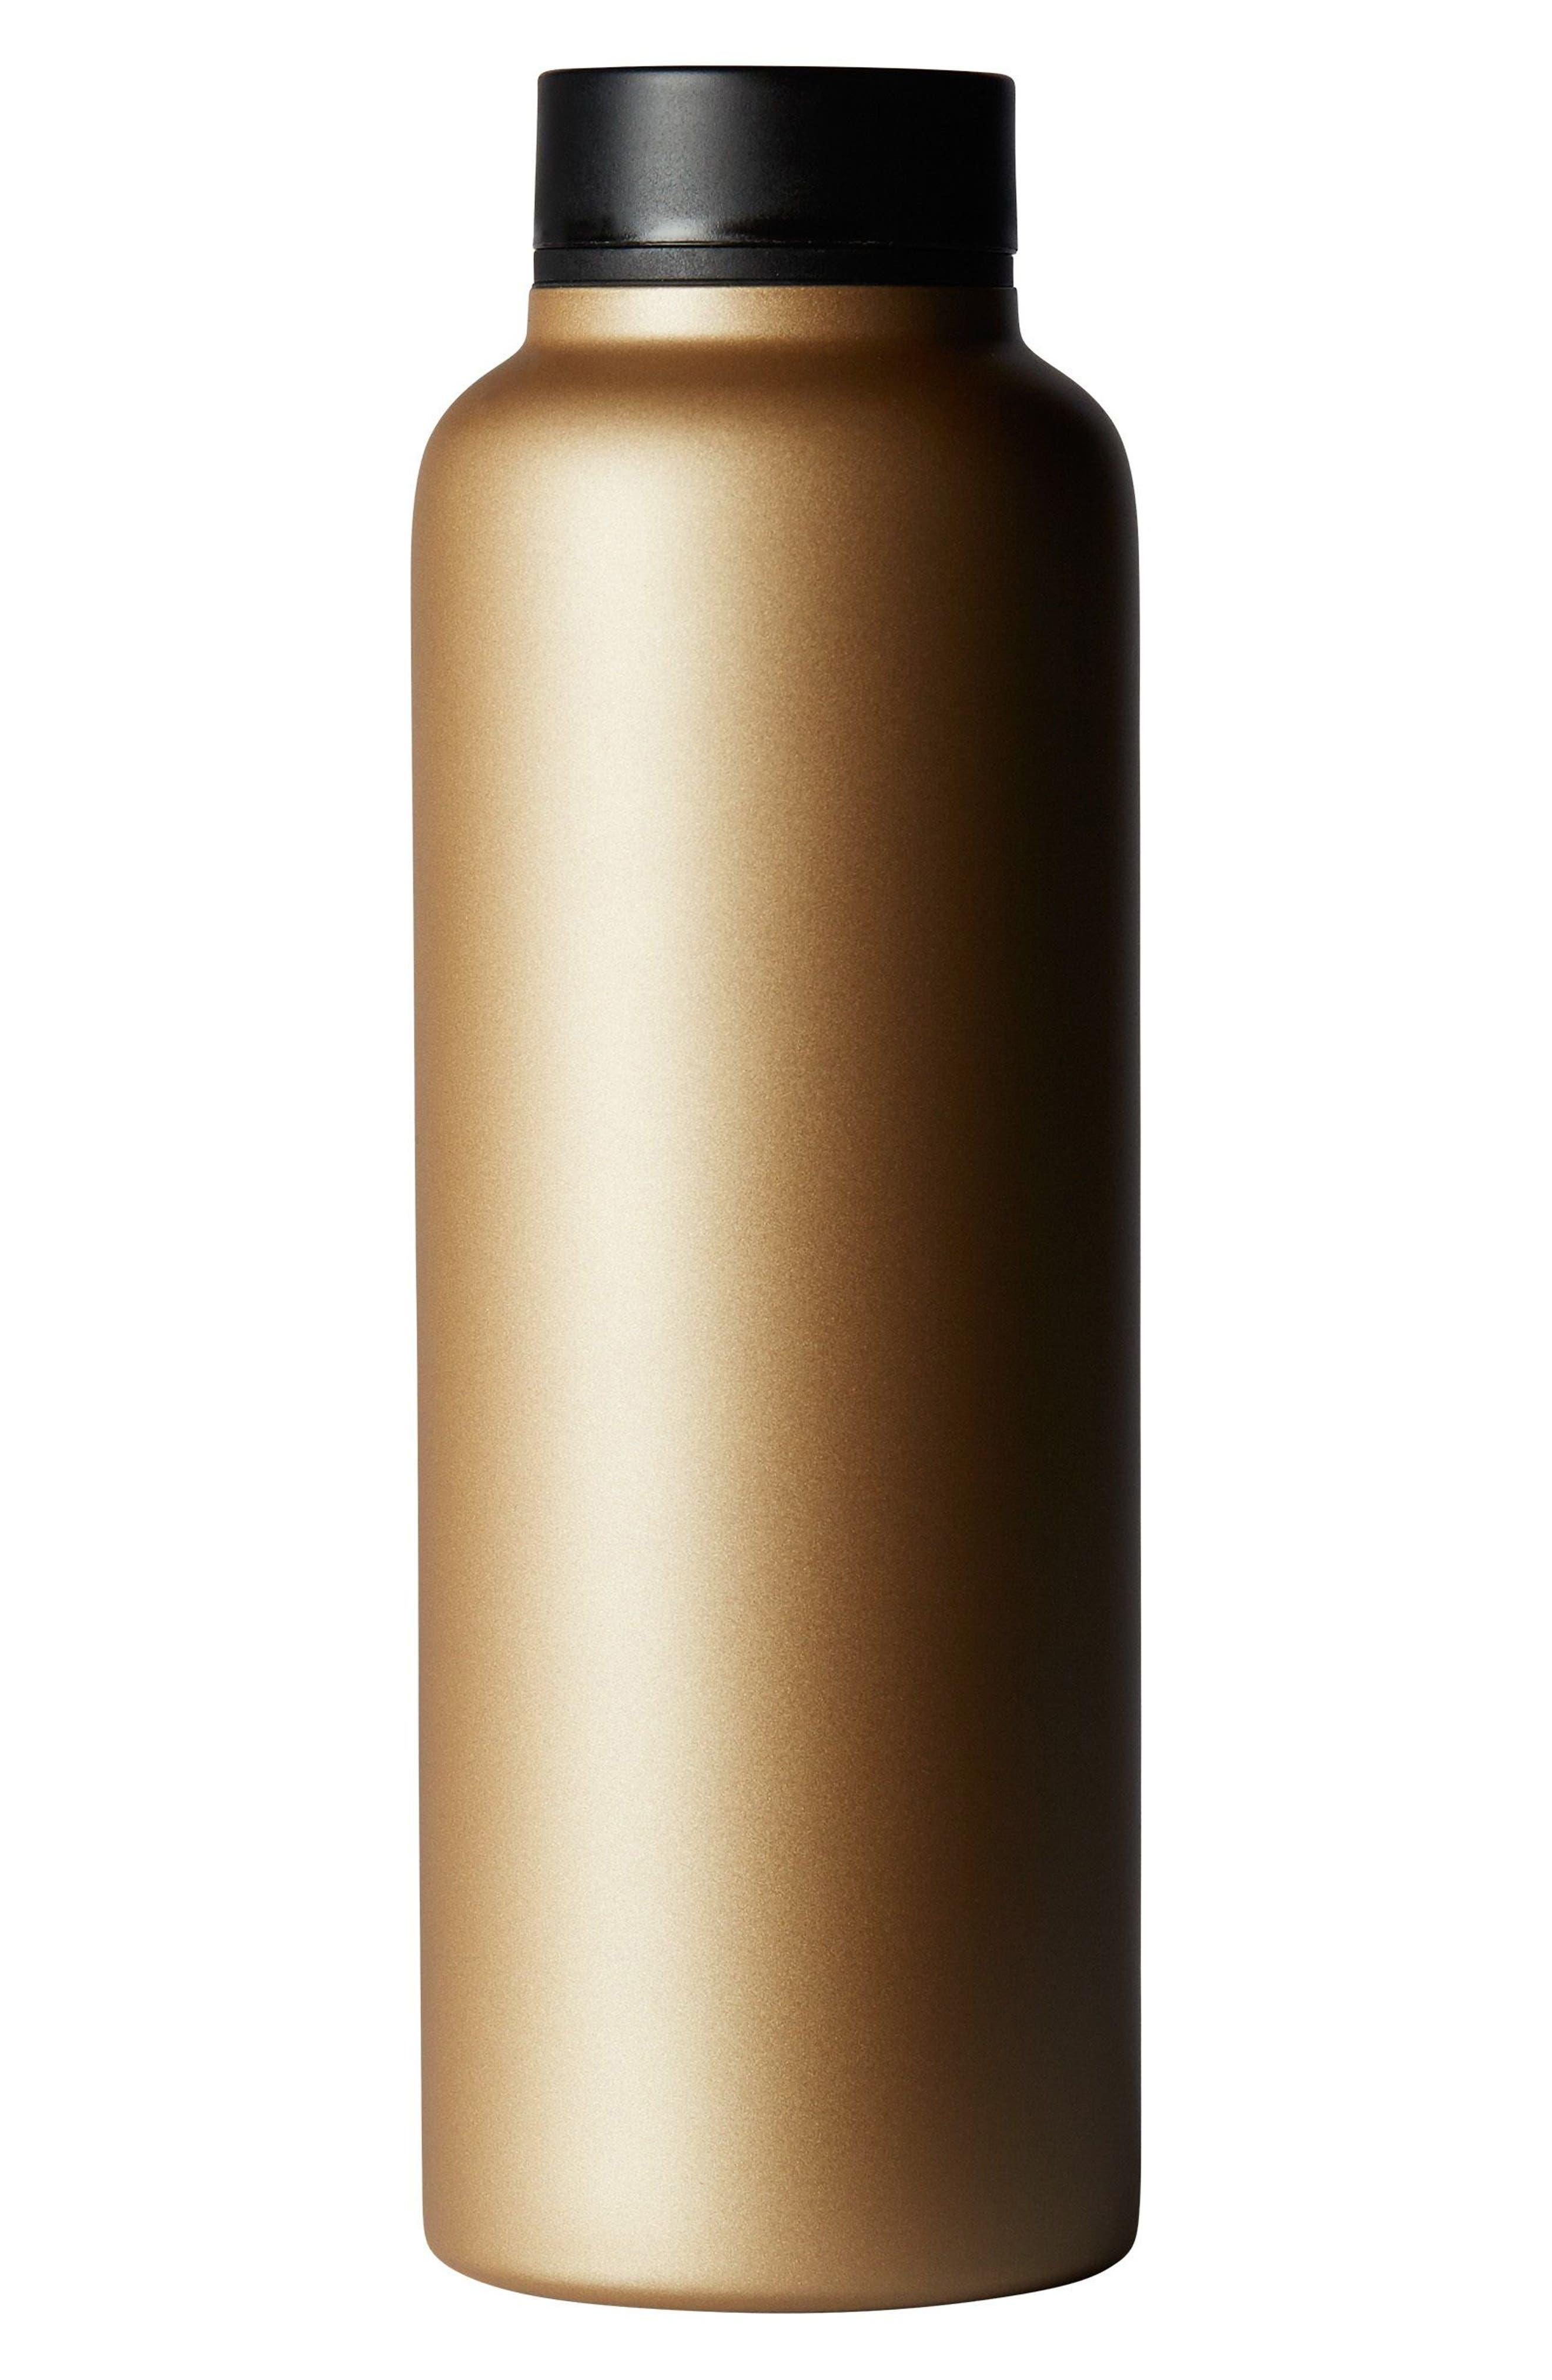 Main Image - T2 Tea Stainless Steel Tea Flask